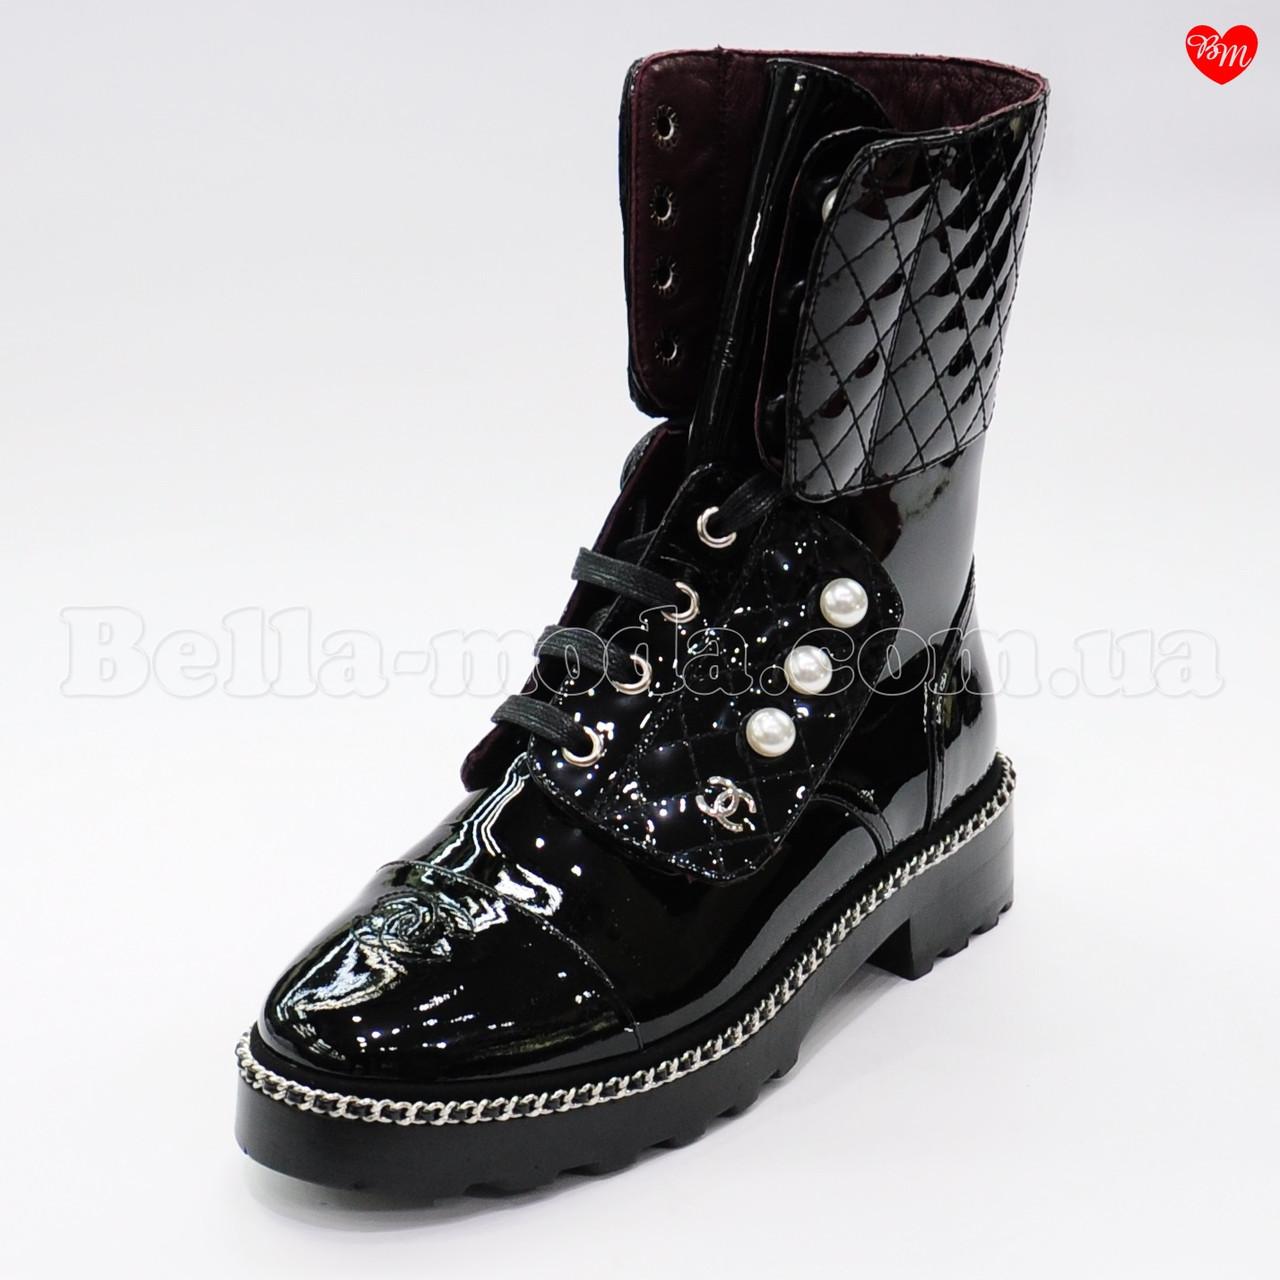 36a8383aae73 Женские высокие ботинки Chanel - интернет-магазин